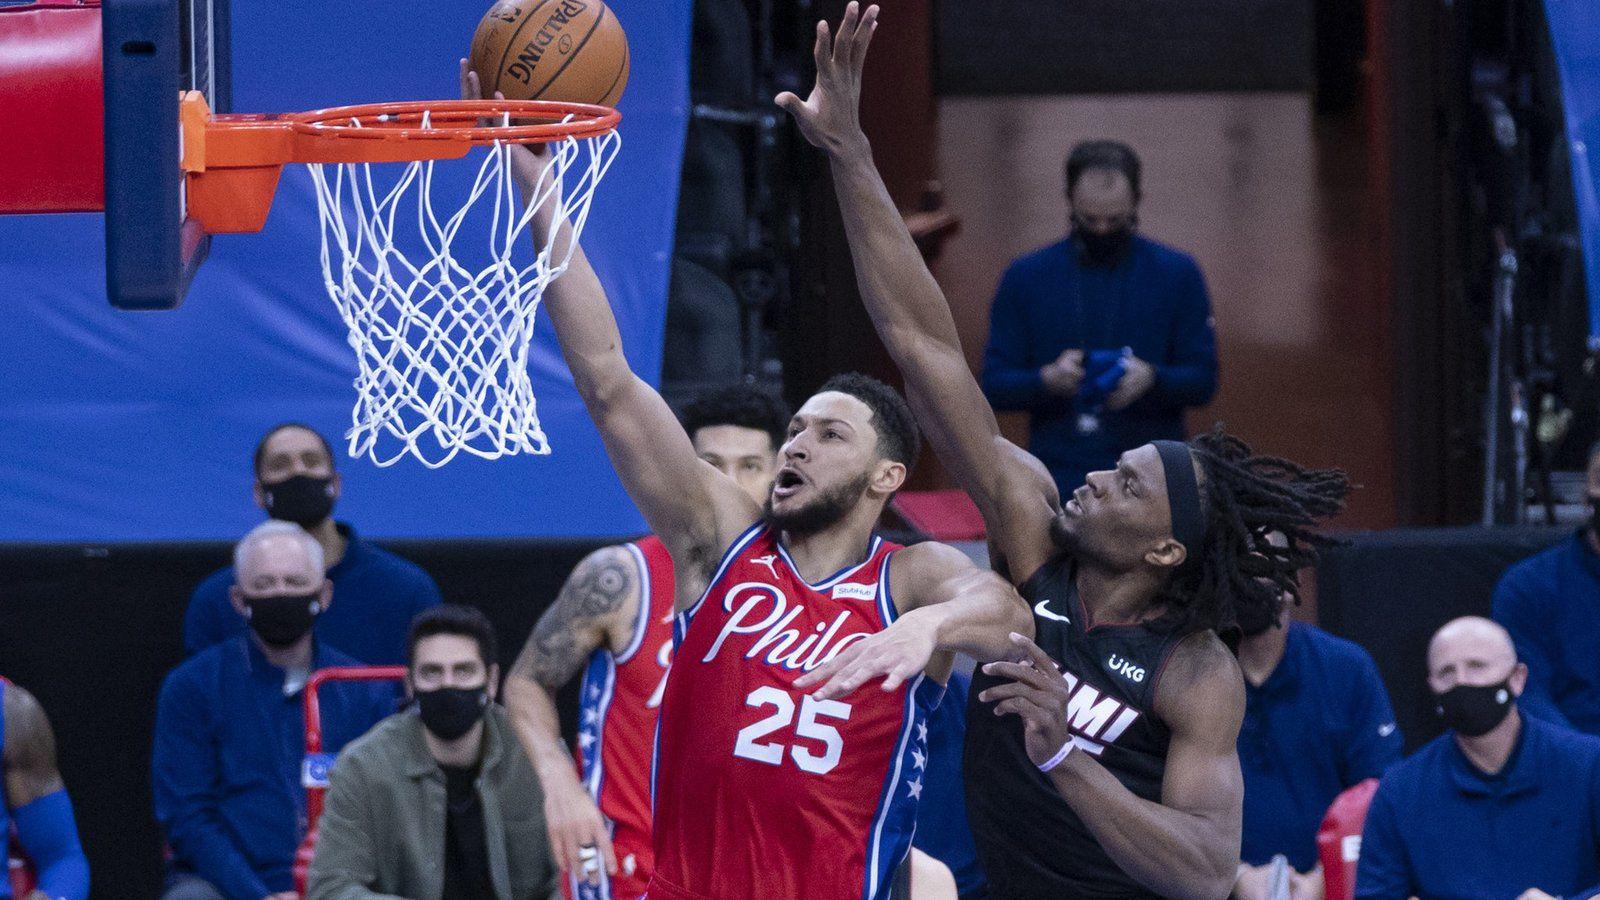 Philadelphie signe une neuvième victoire de la saison en dominant le Heat de Miami